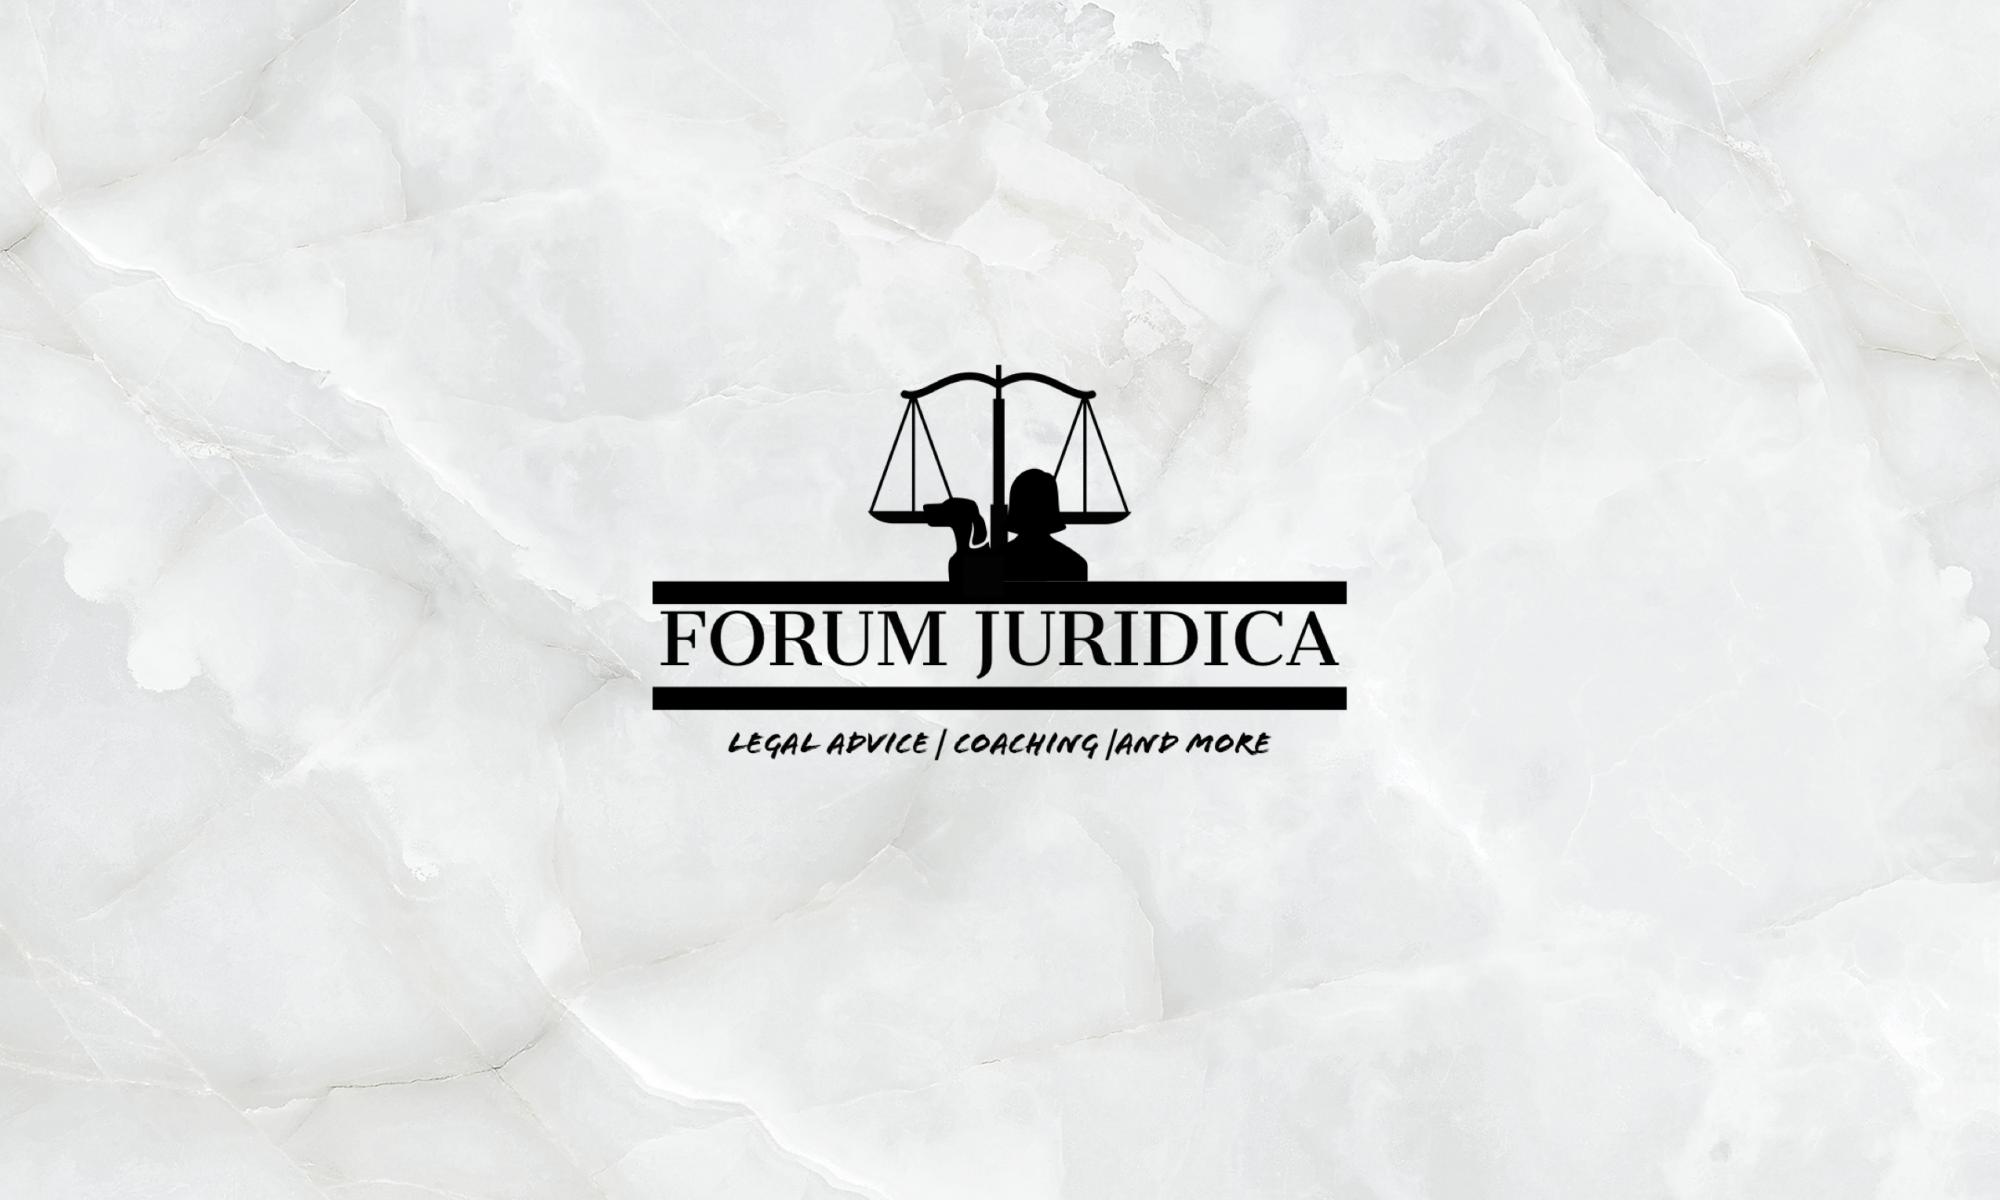 Forum Juridica